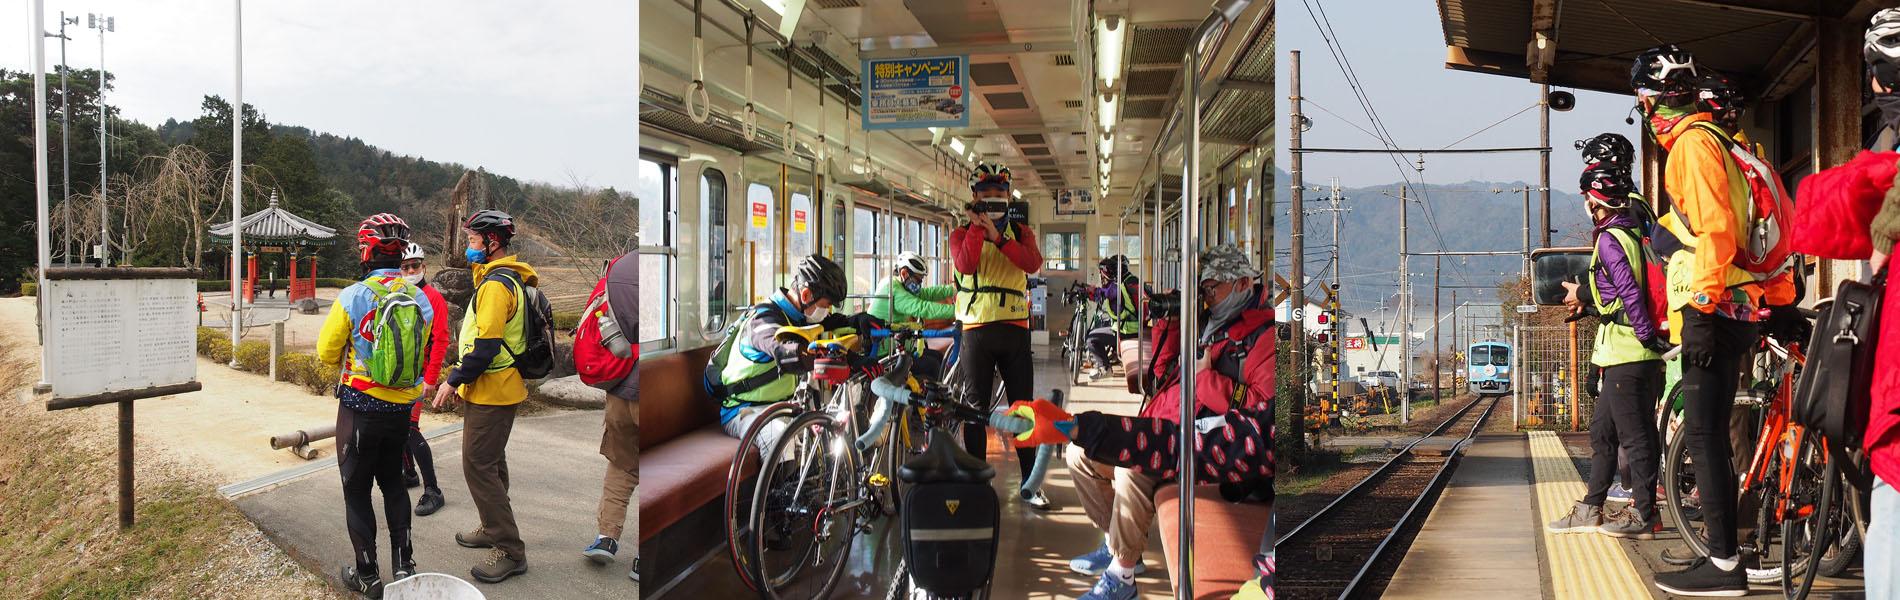 貸し切りサイクルトレインで行くサイクリングツアー「日野町の知られざる文化・歴史・食を訪ねて」